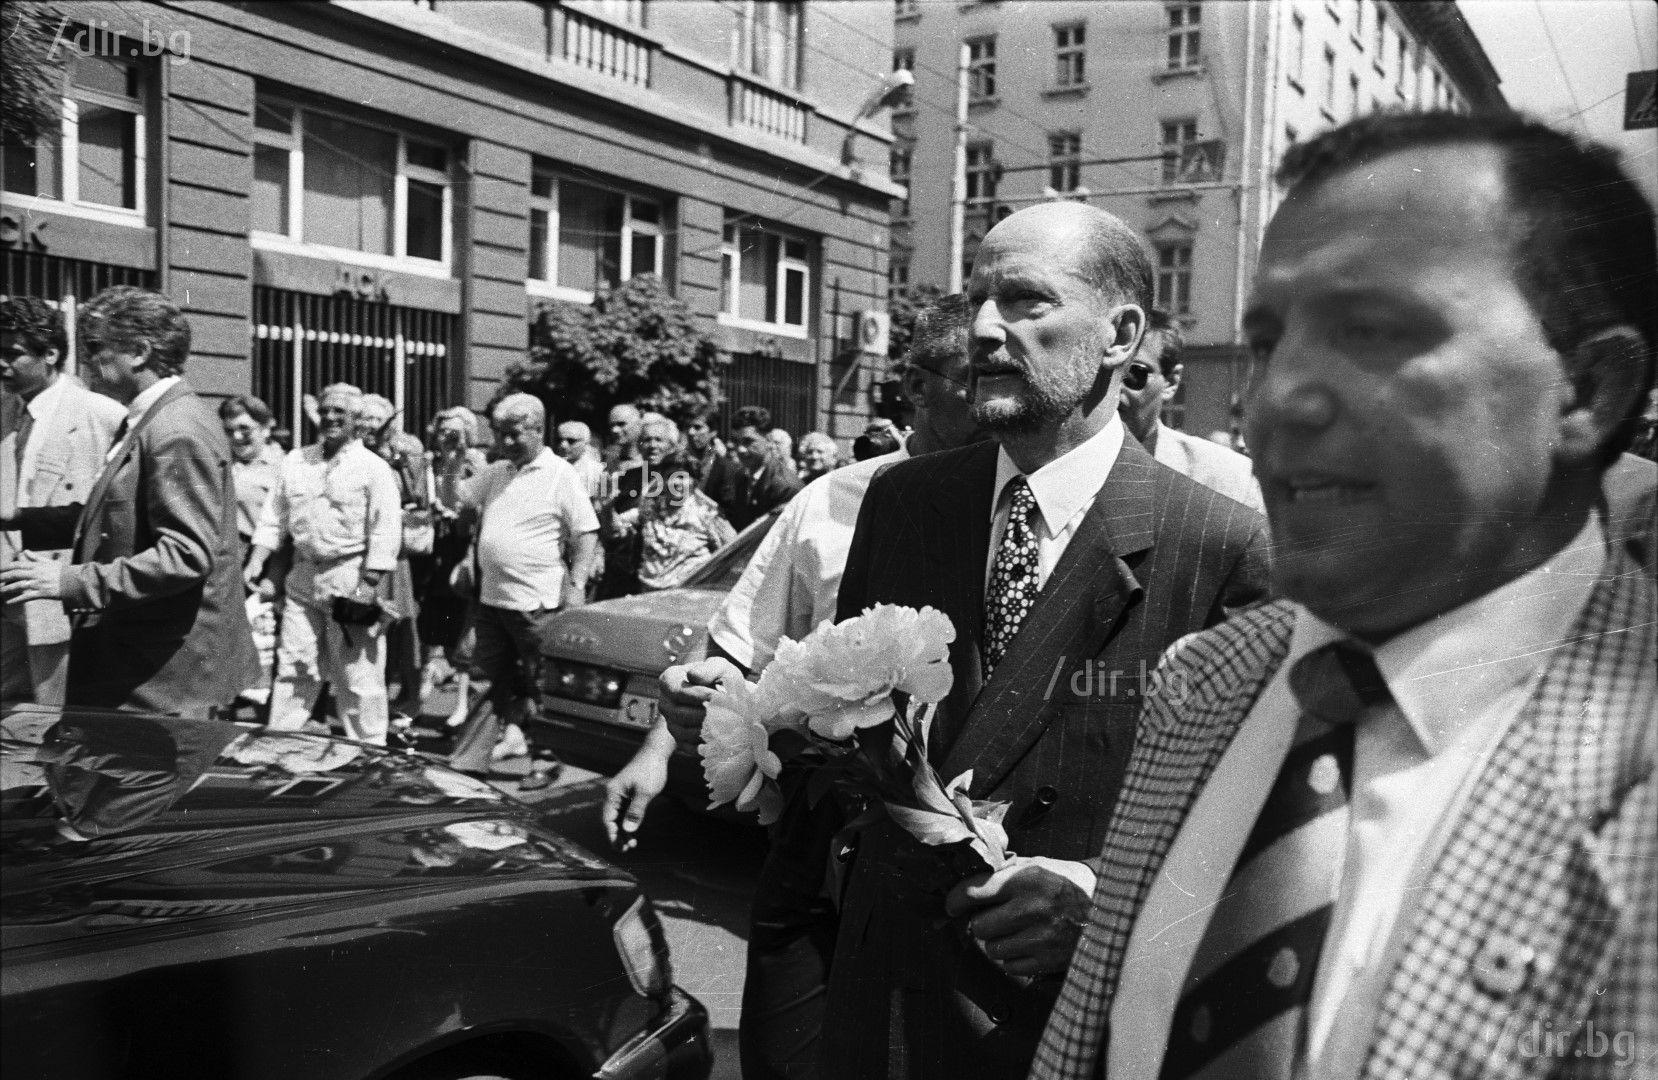 25 май 1996 г. Плътно до Сакскобургготски по време на първото му посещение в България (Снимка: Иван Григоров)